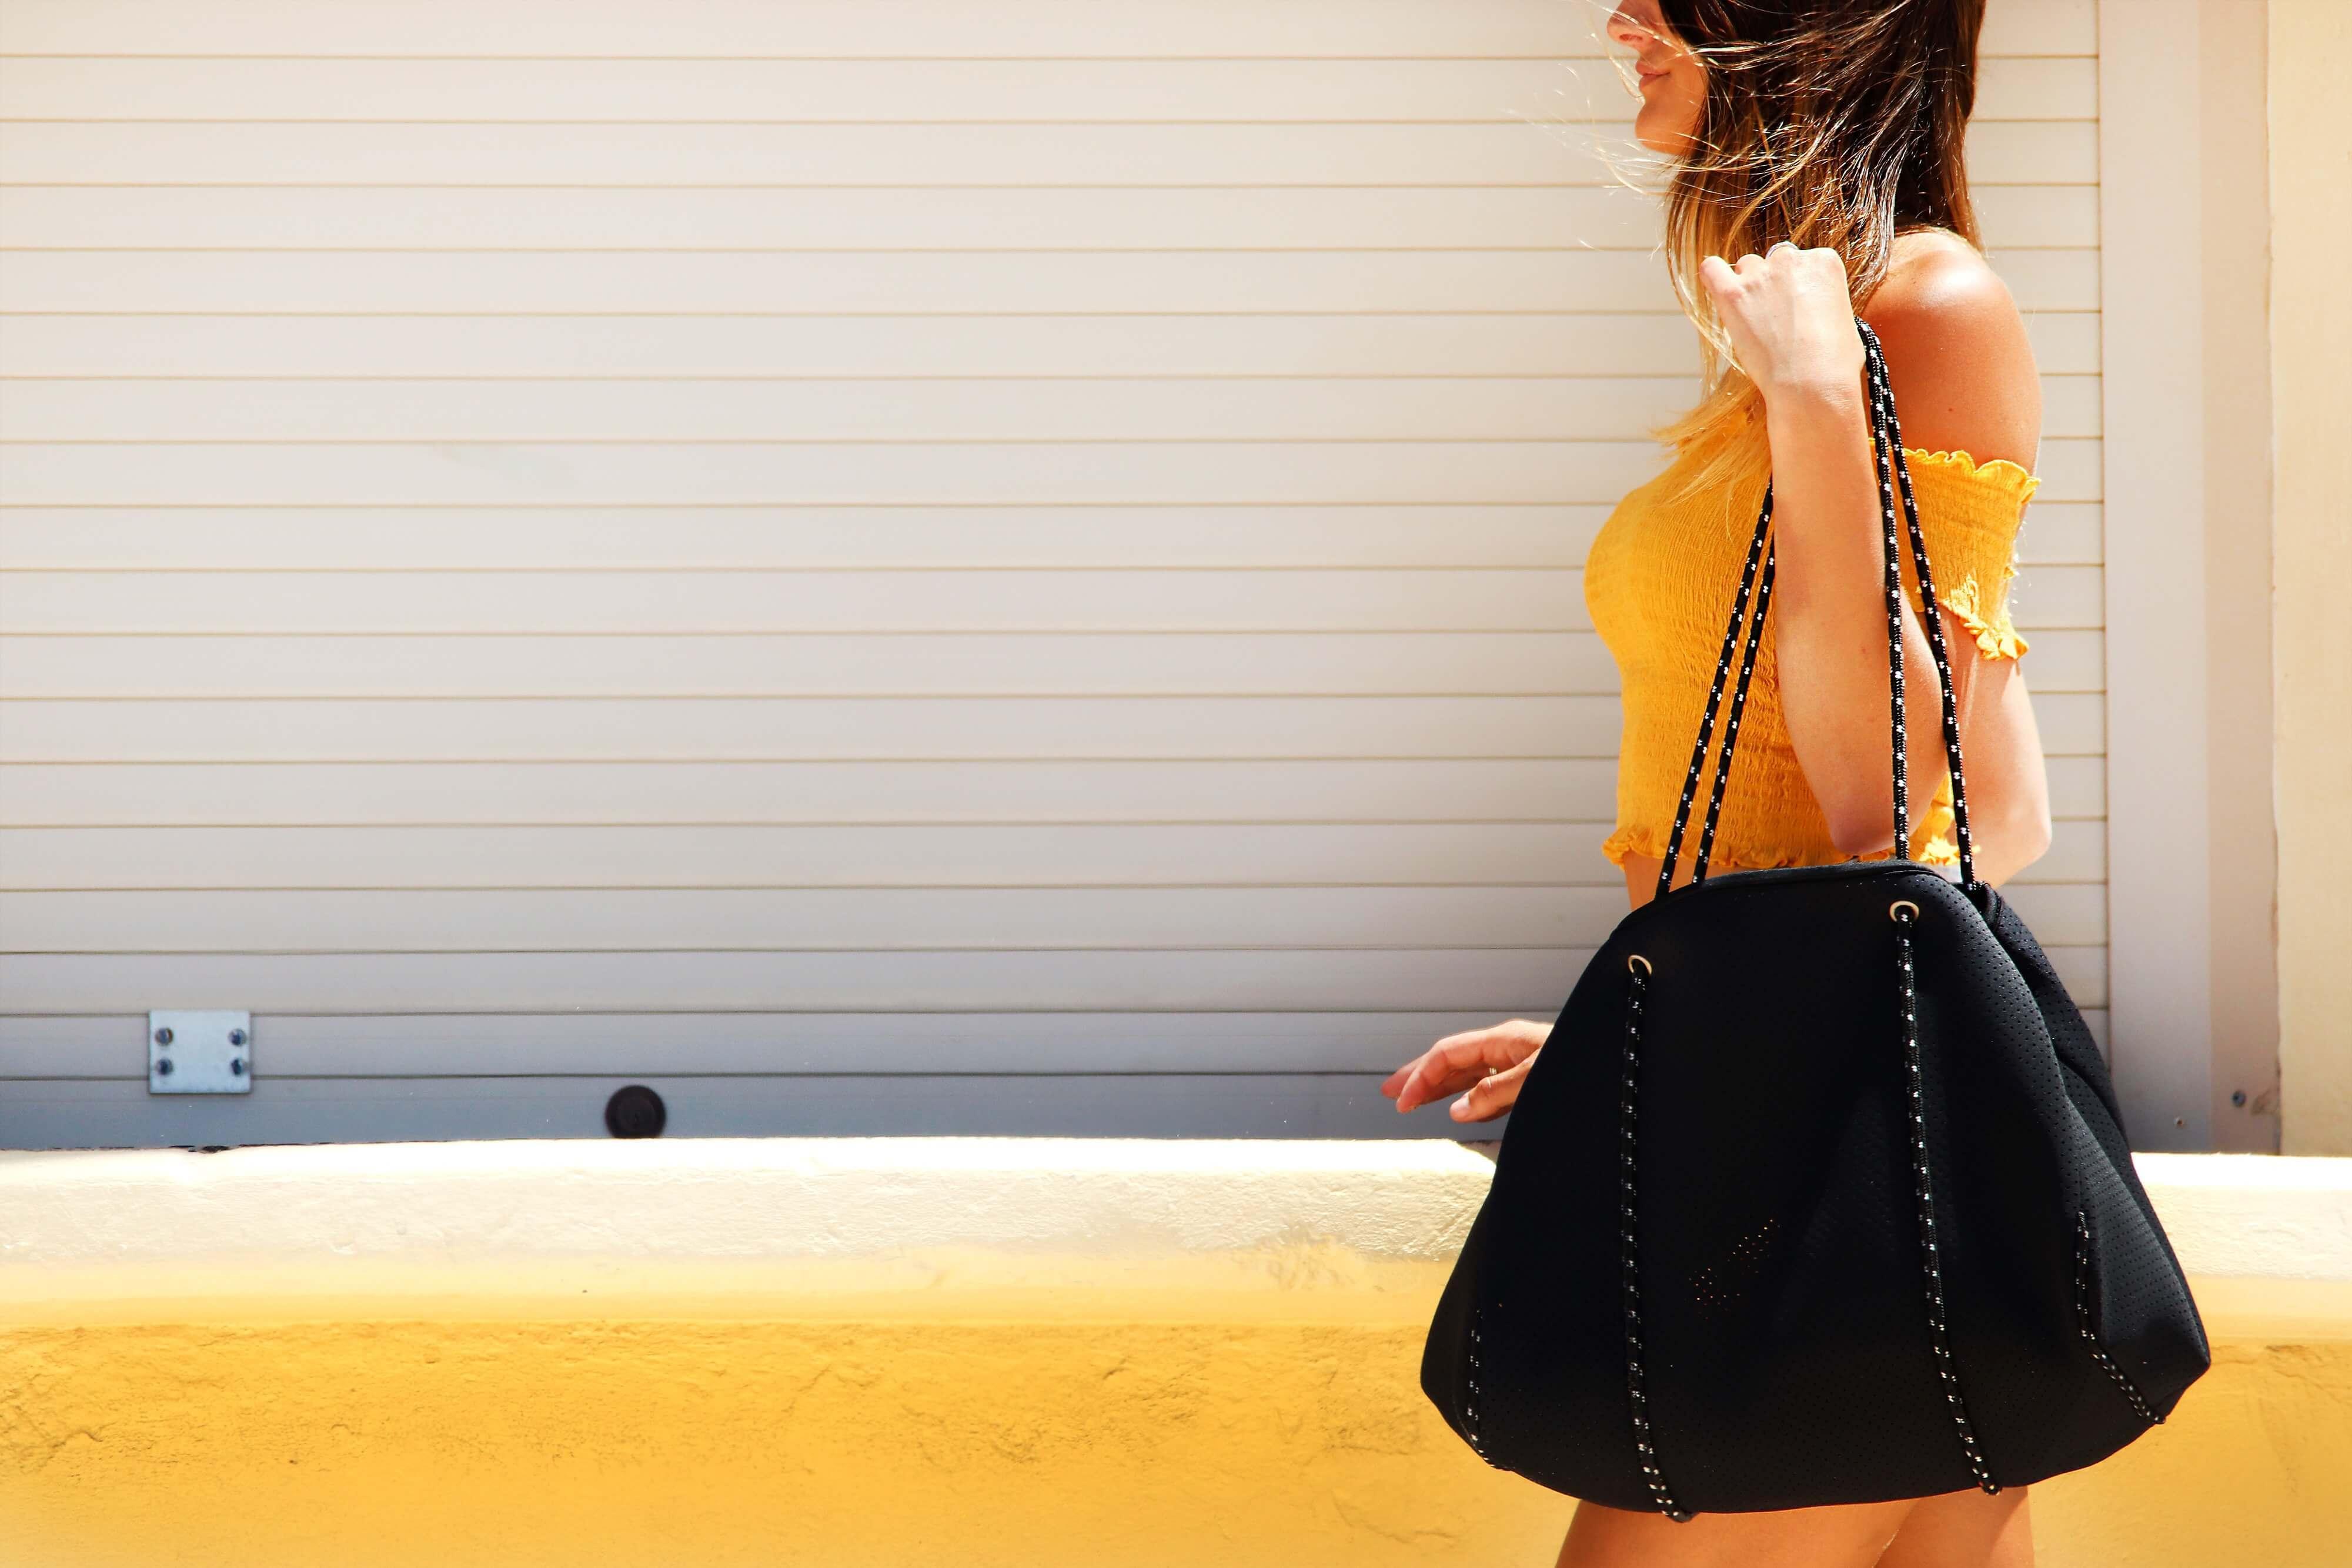 女性がバッグを持って歩いている様子